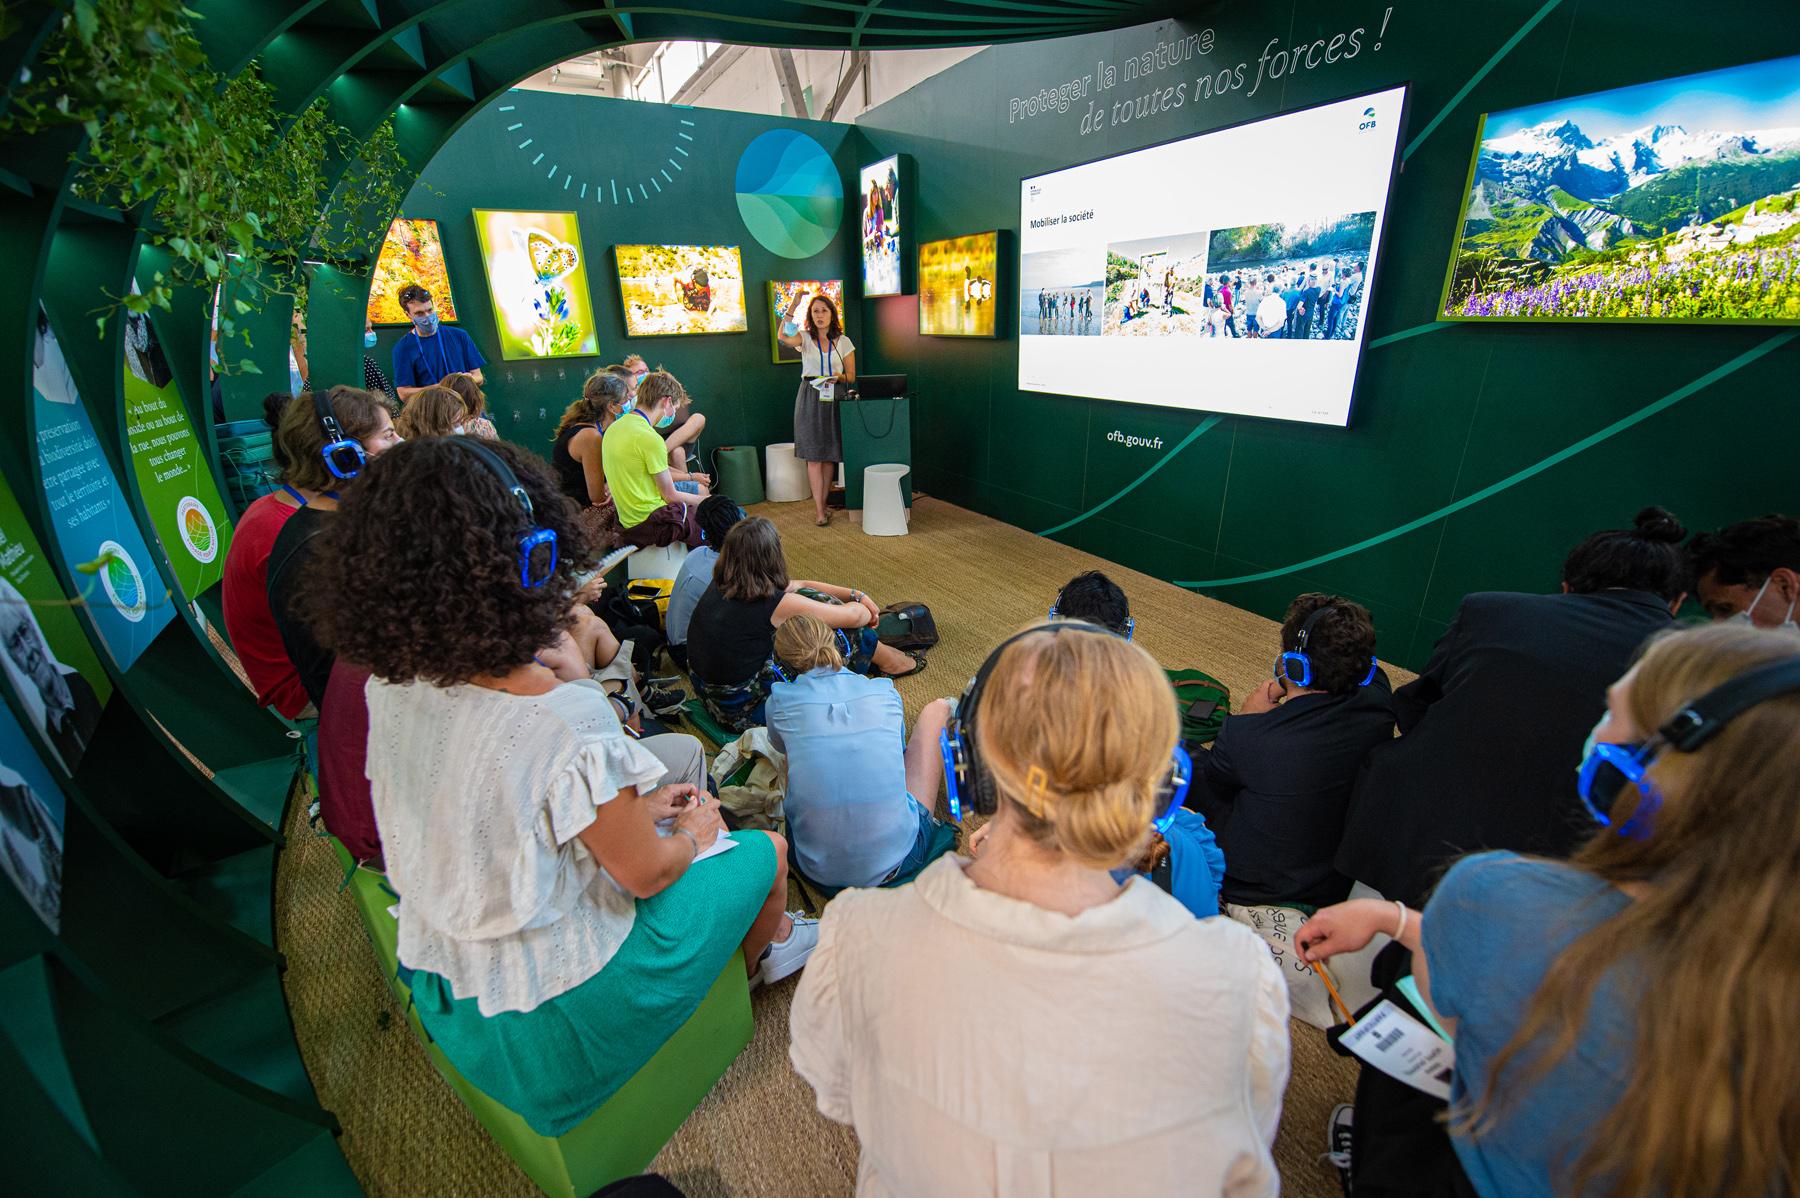 Marseille : un programme international réunit des jeunes engagés pour l'environnement lors du Congrès Mondial de la Nature